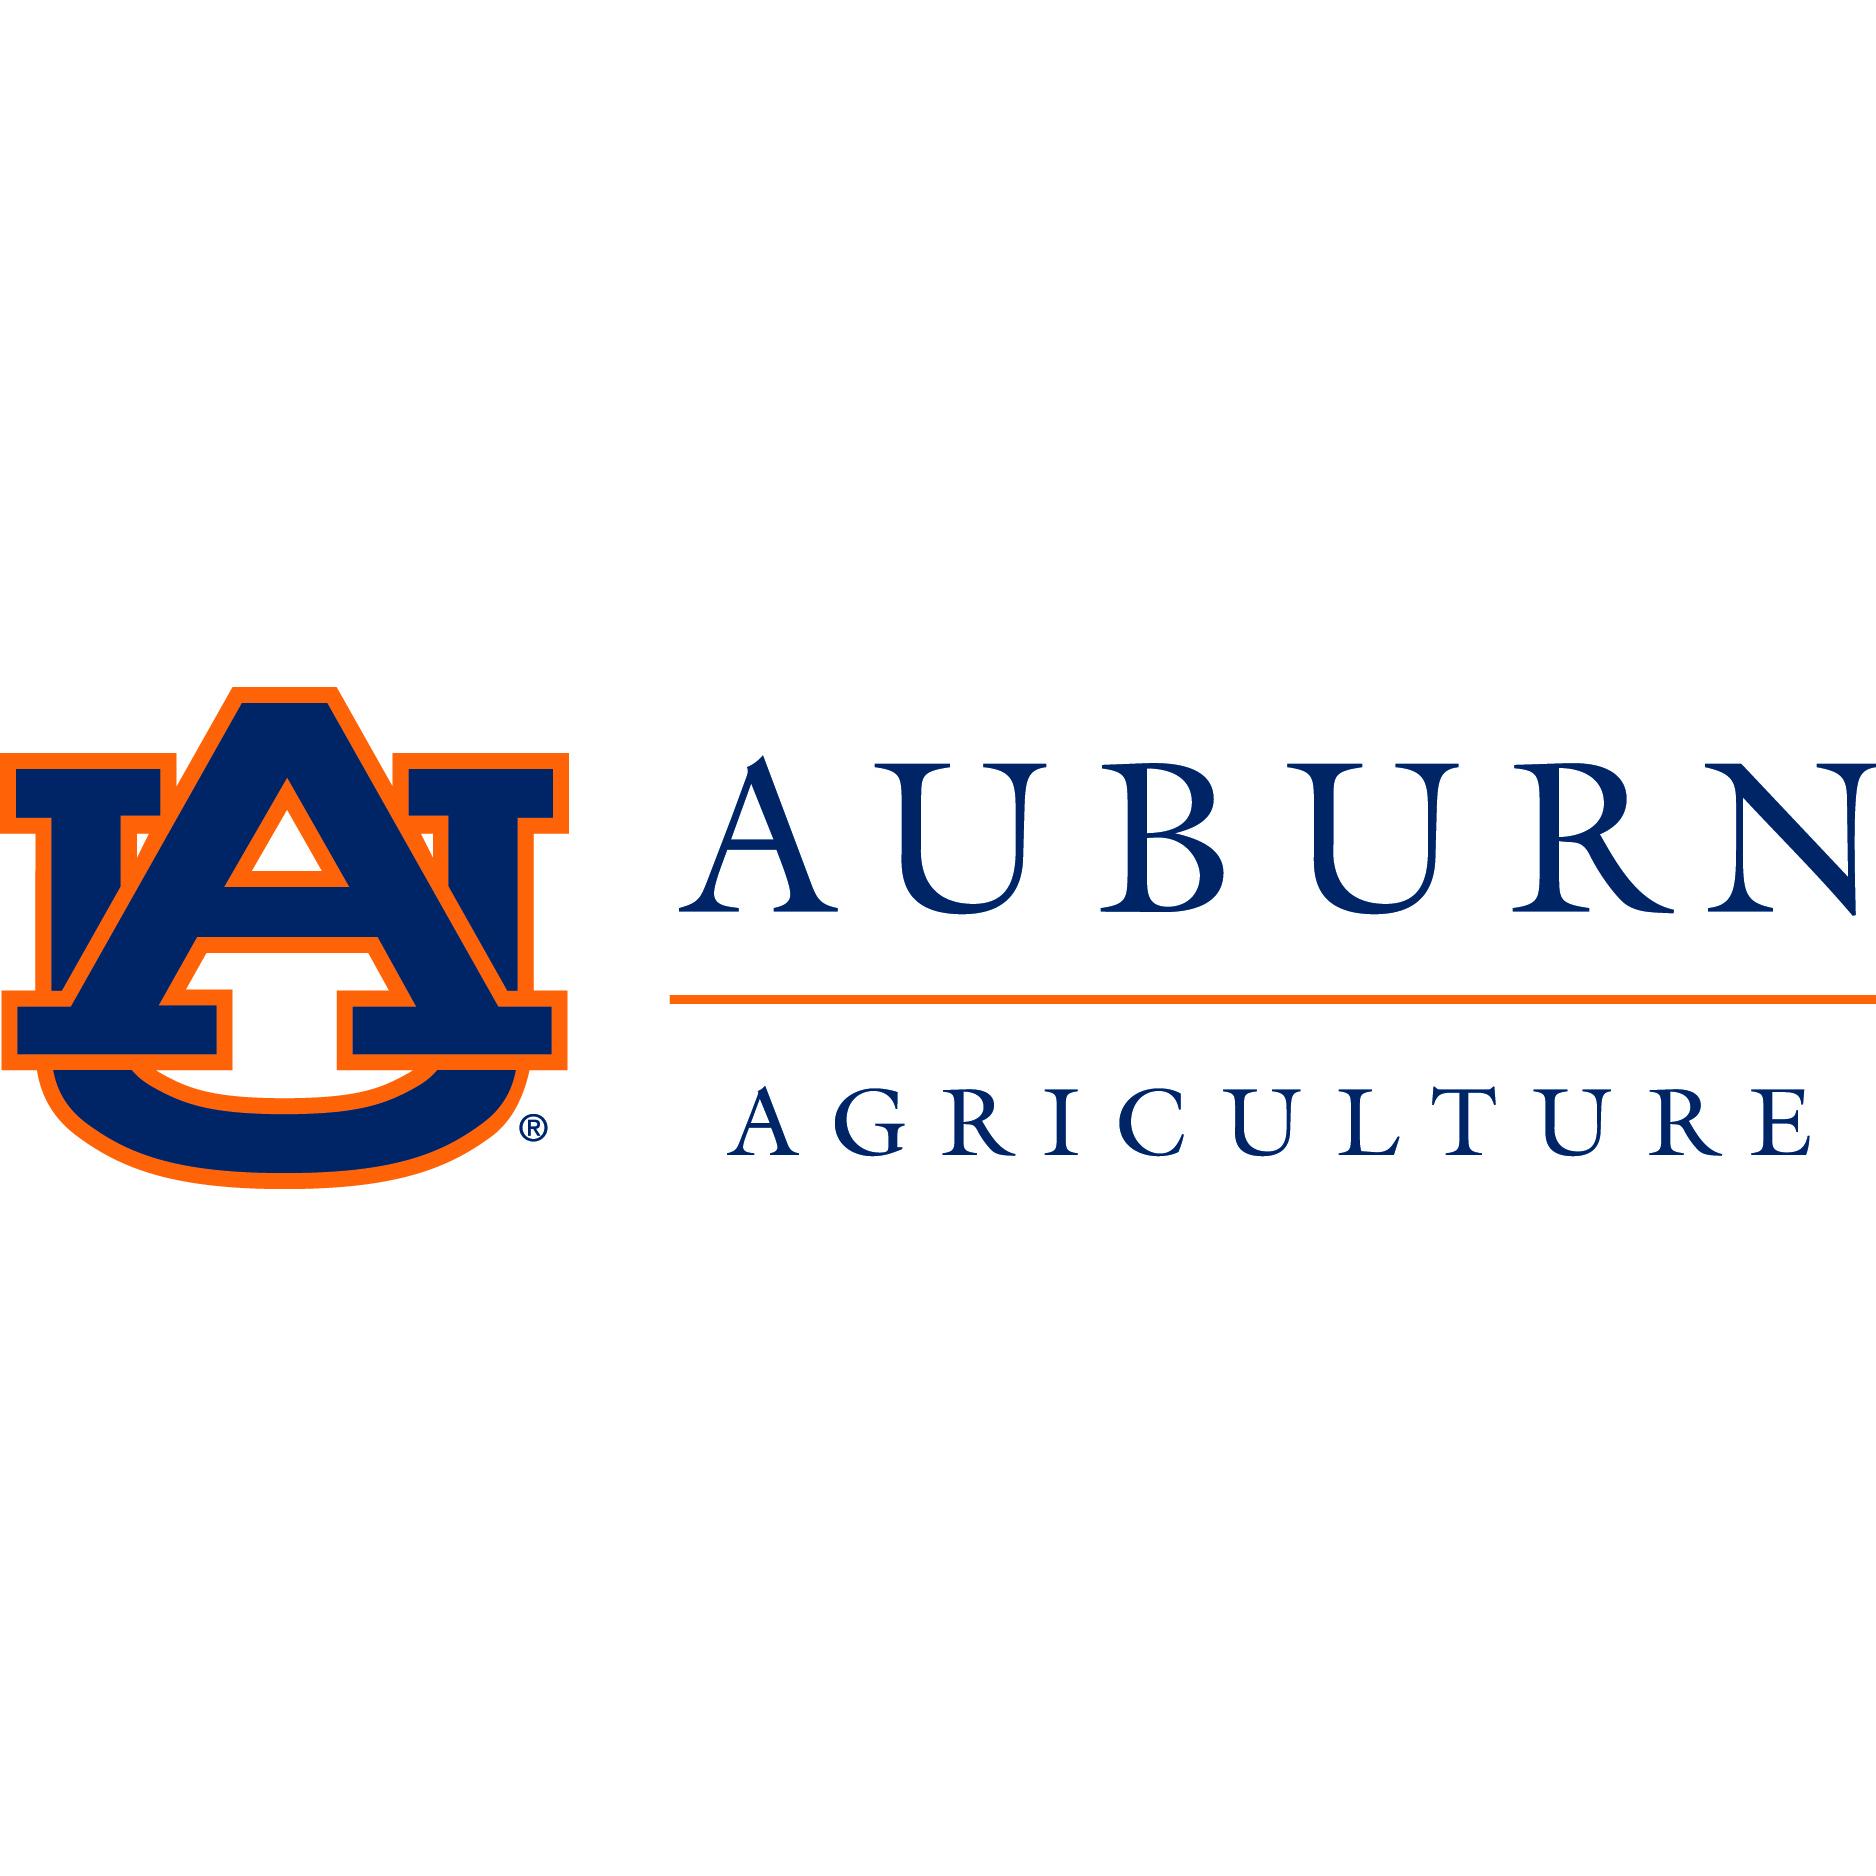 Auburn Univeristy School of Agriculture